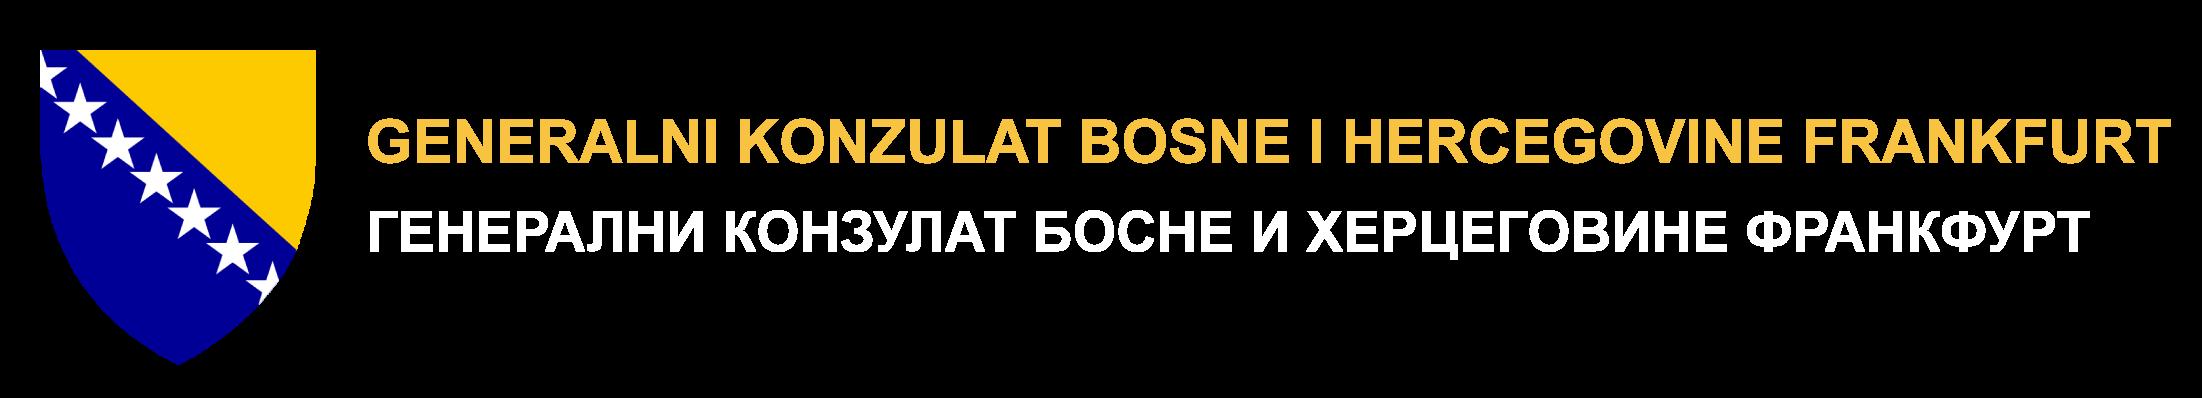 Generalni Konzulat Bosne i Herzegovine u Frankfurtu